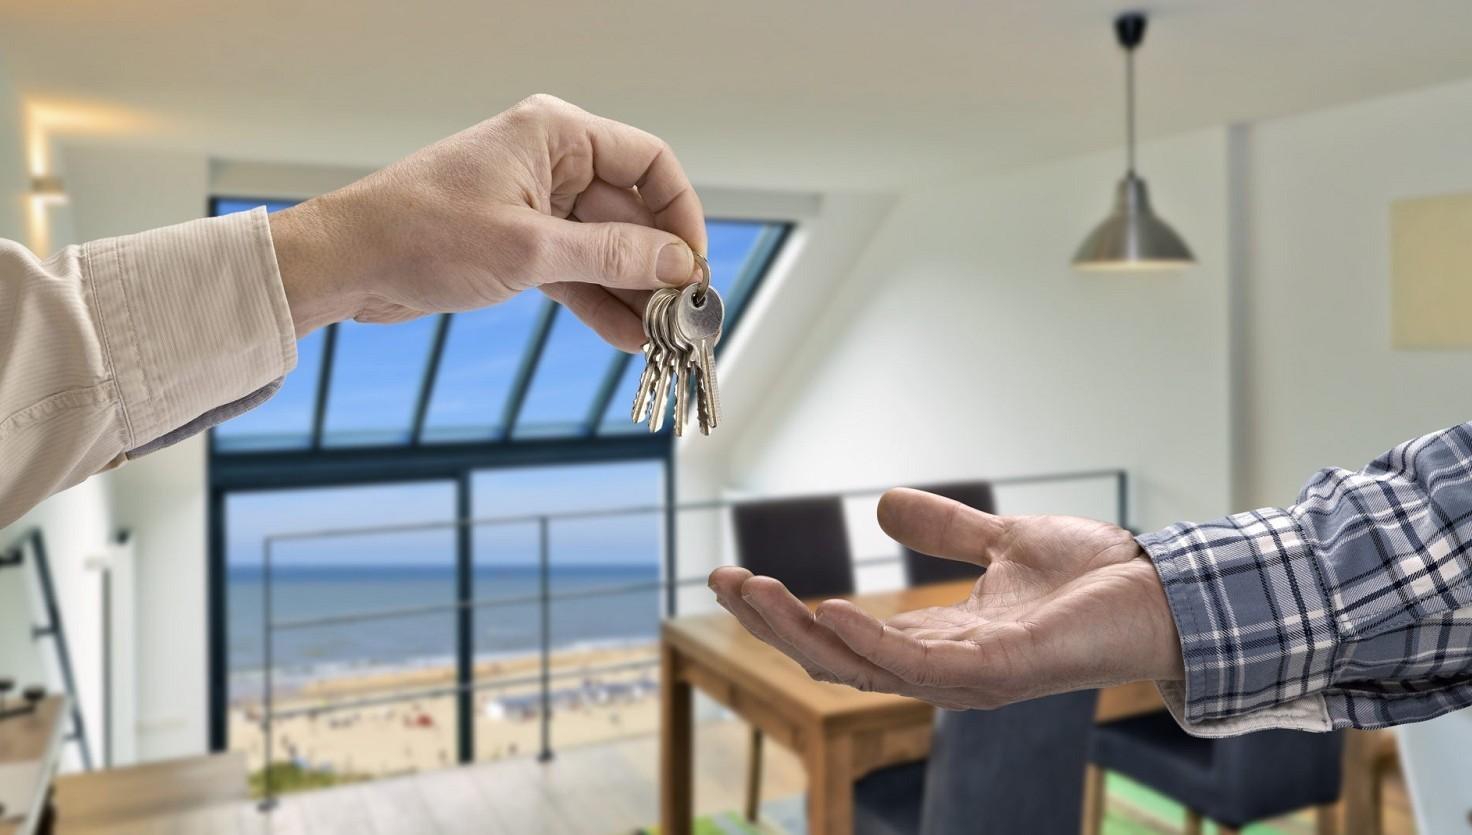 Affitto breve casa vacanza nuova legge e regole Dl Crescita ufficiale. Cosa cambia